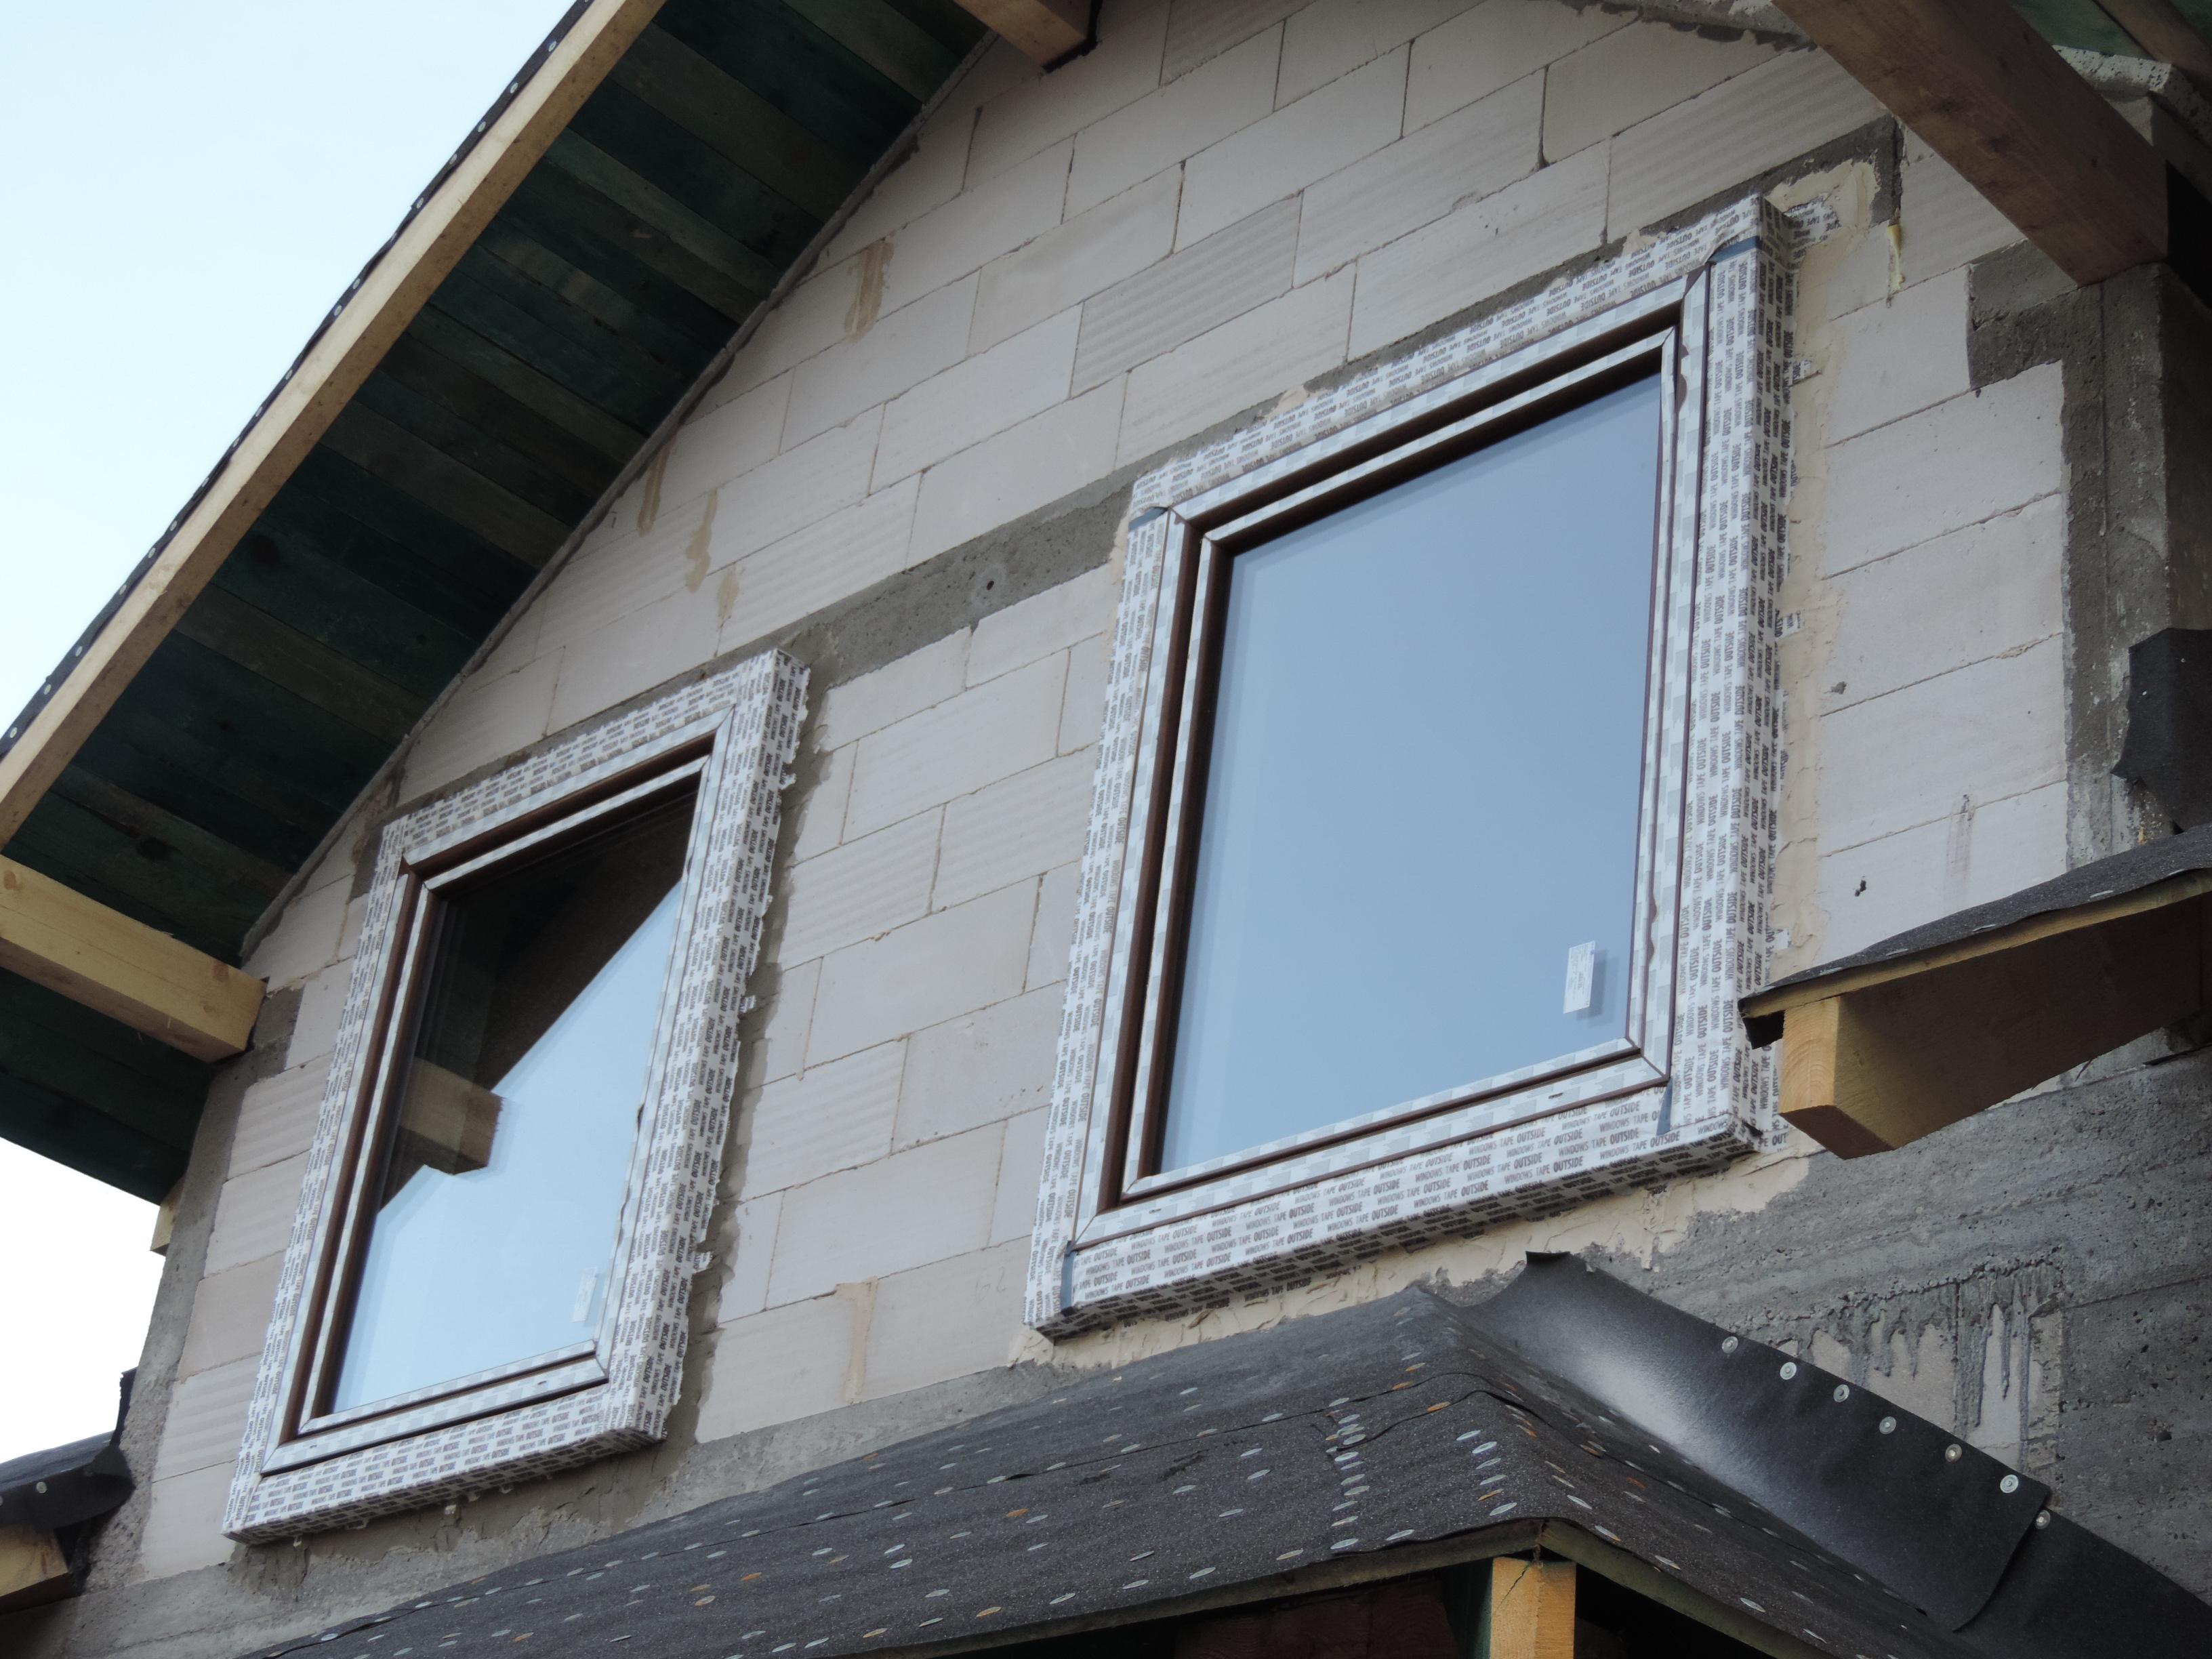 11. widok zamontowanych okien na piętrze domu w strefie docieplenia